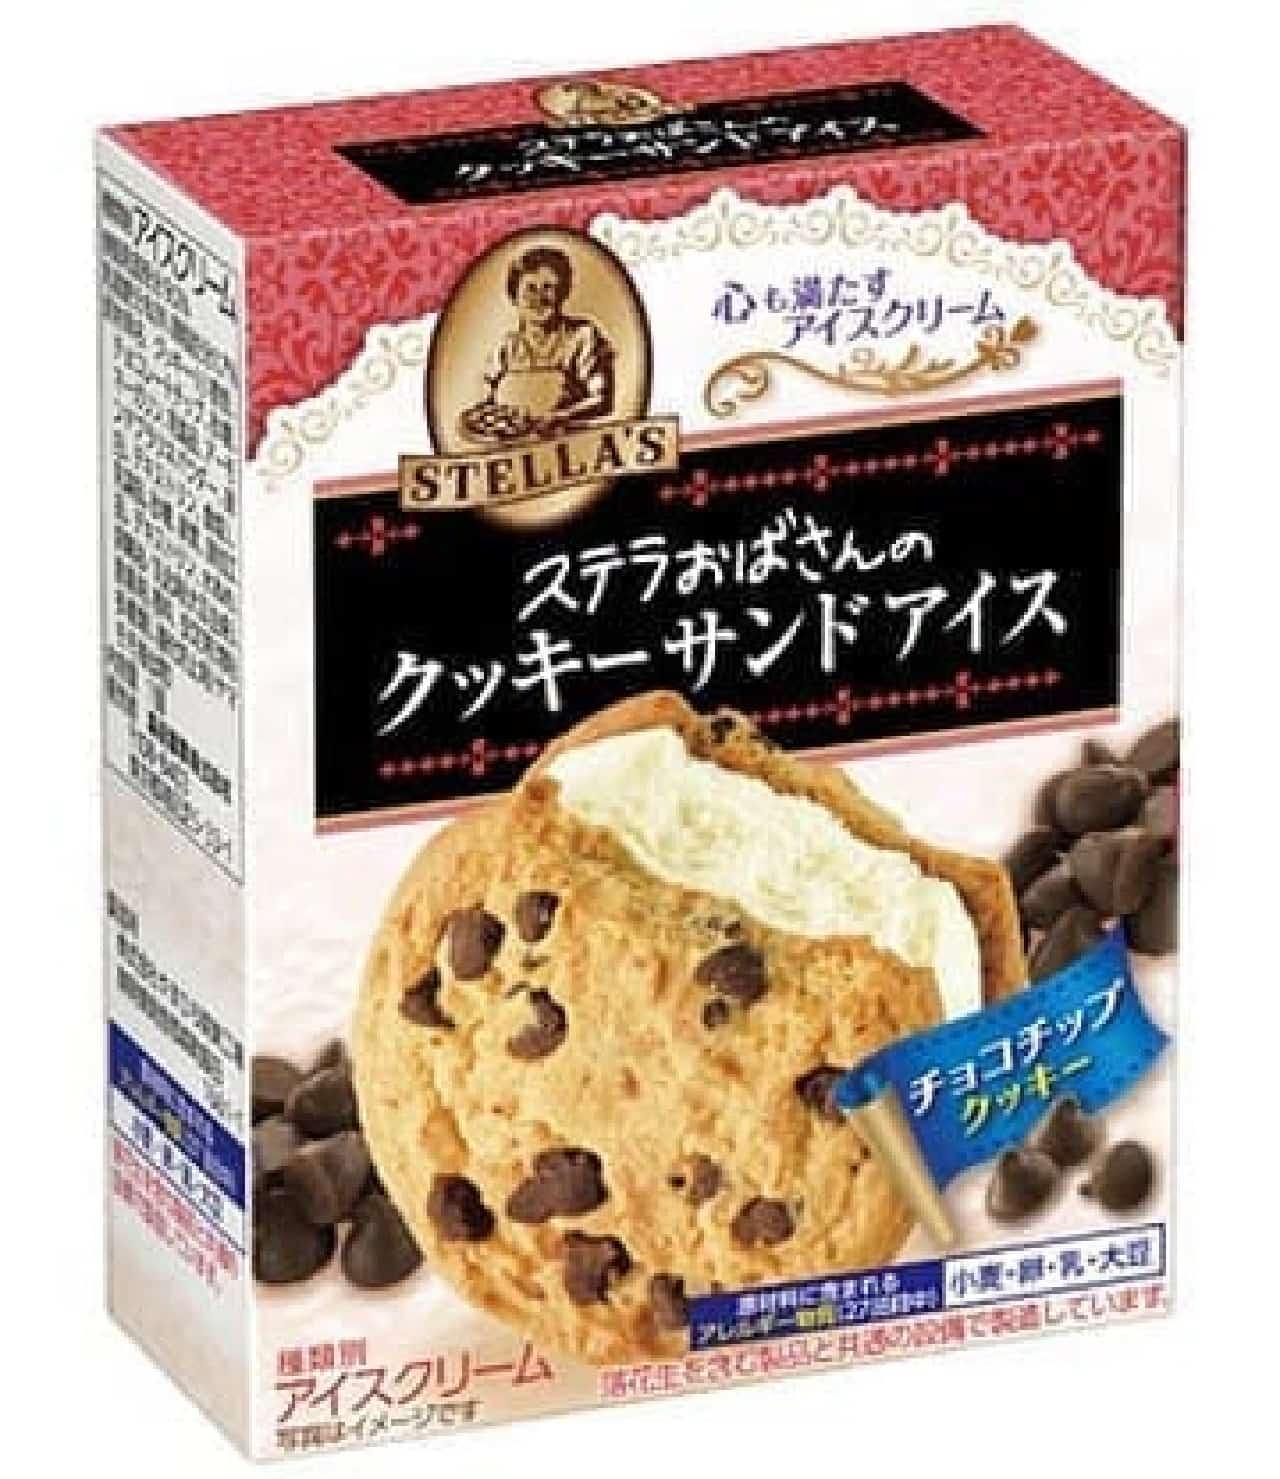 森永製菓「ステラおばさんのクッキーサンドアイス<チョコチップクッキー>」